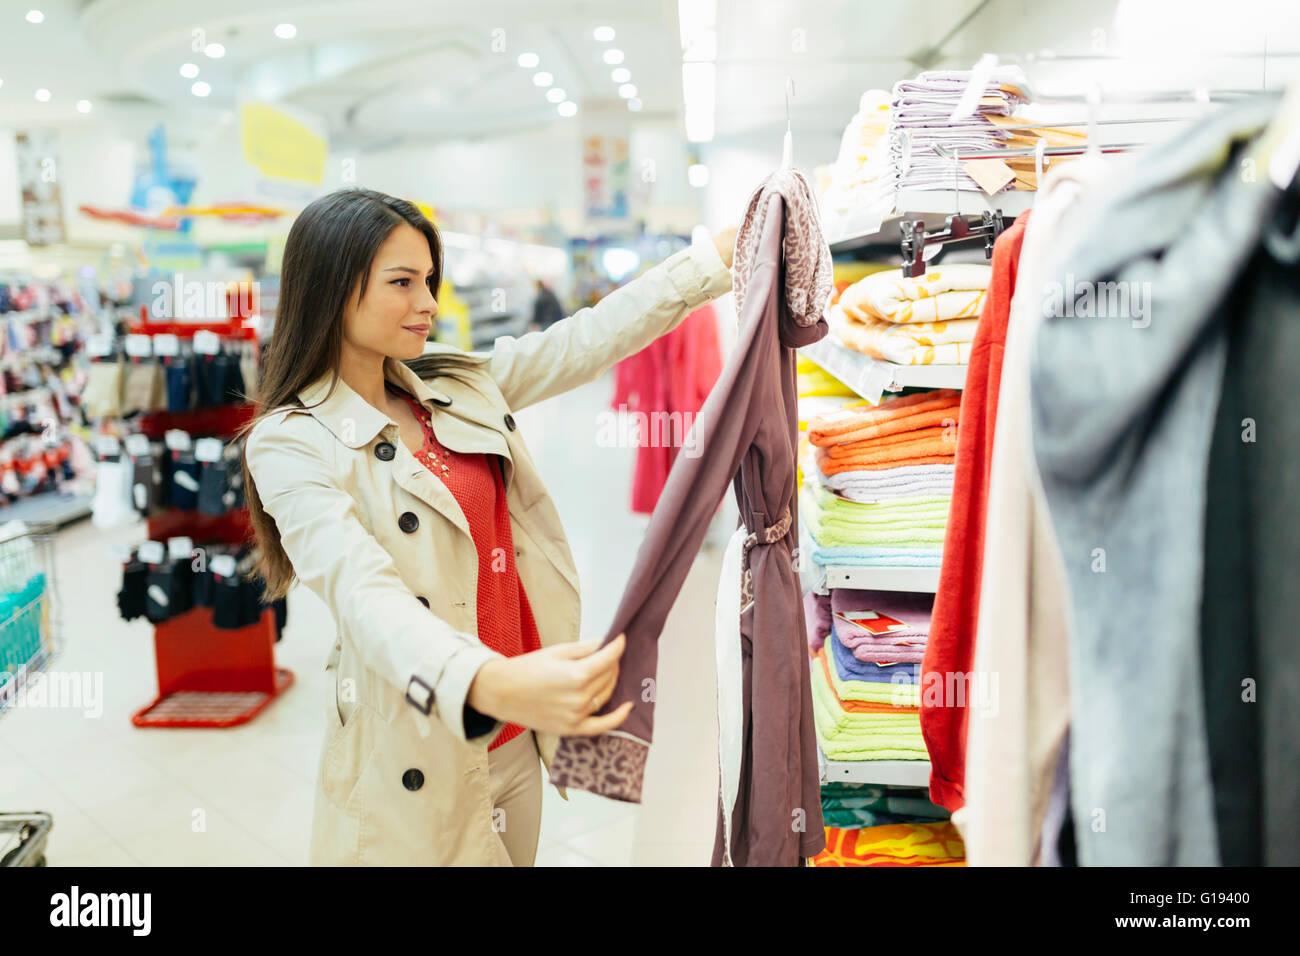 Schöne Frau mit einem Blick durch die Kleidung Stockfoto